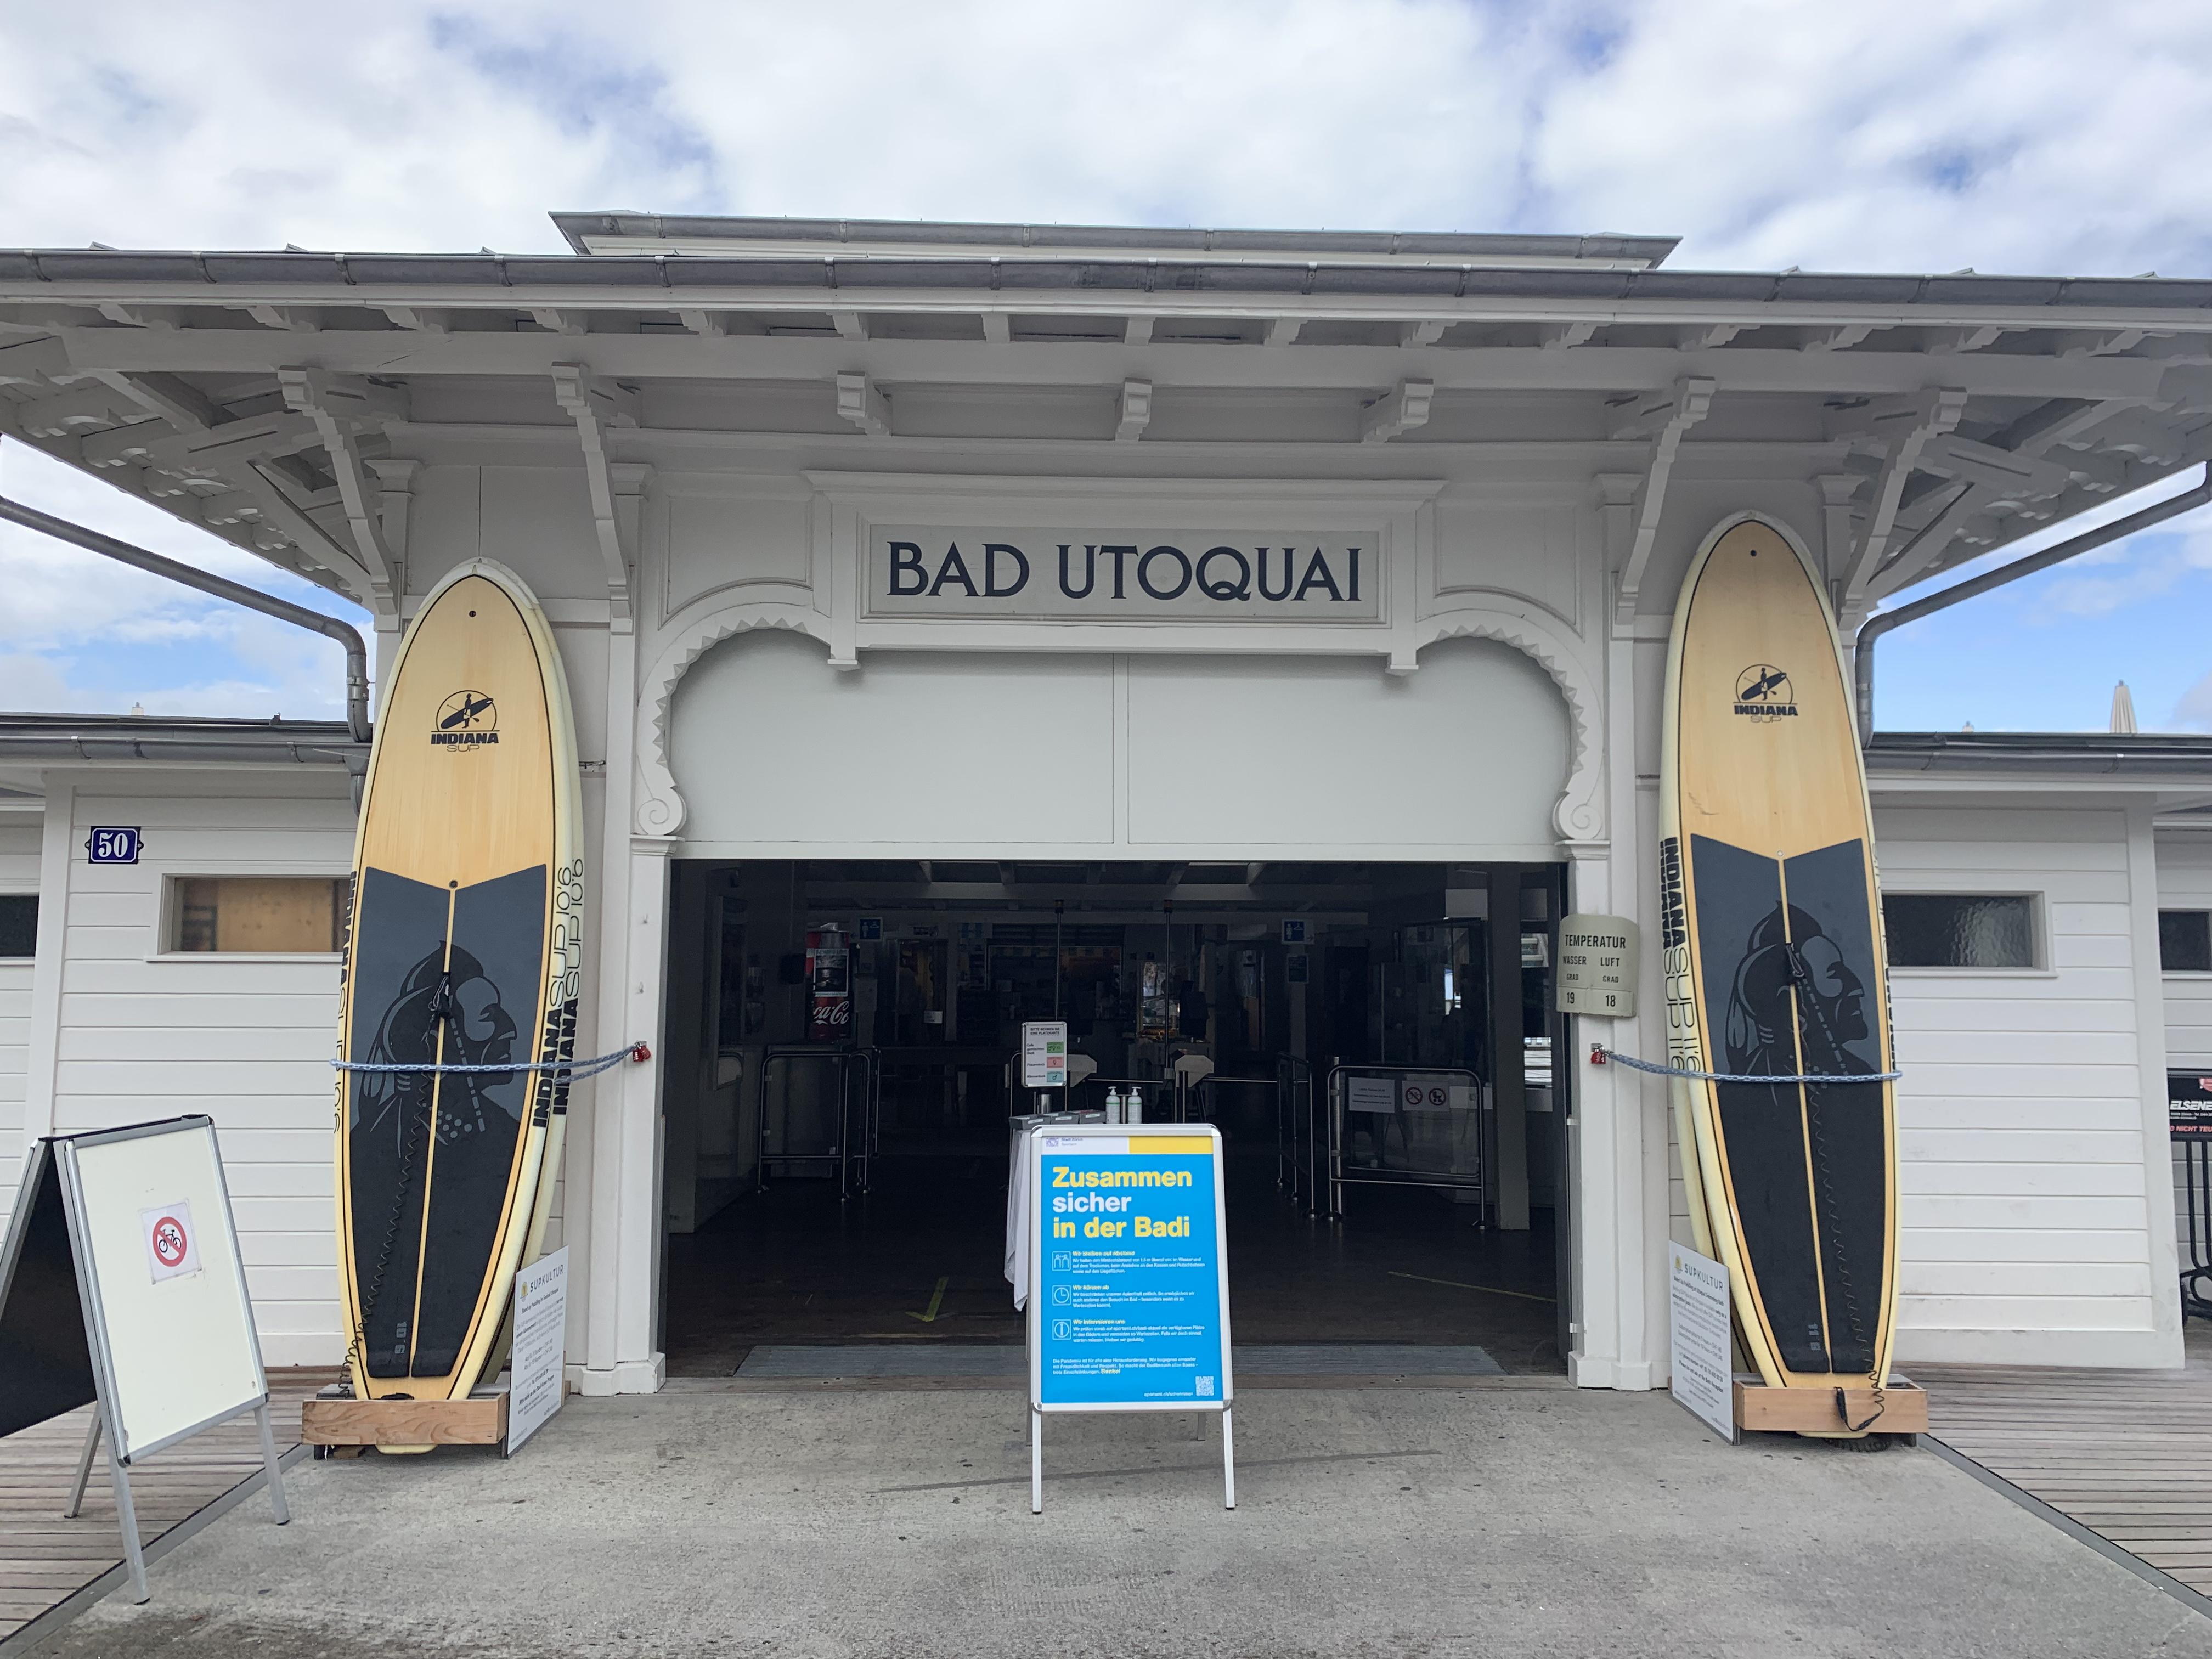 Entrada do Seebad Utoquai, um dos banhos públicos mais clássicos da cidade